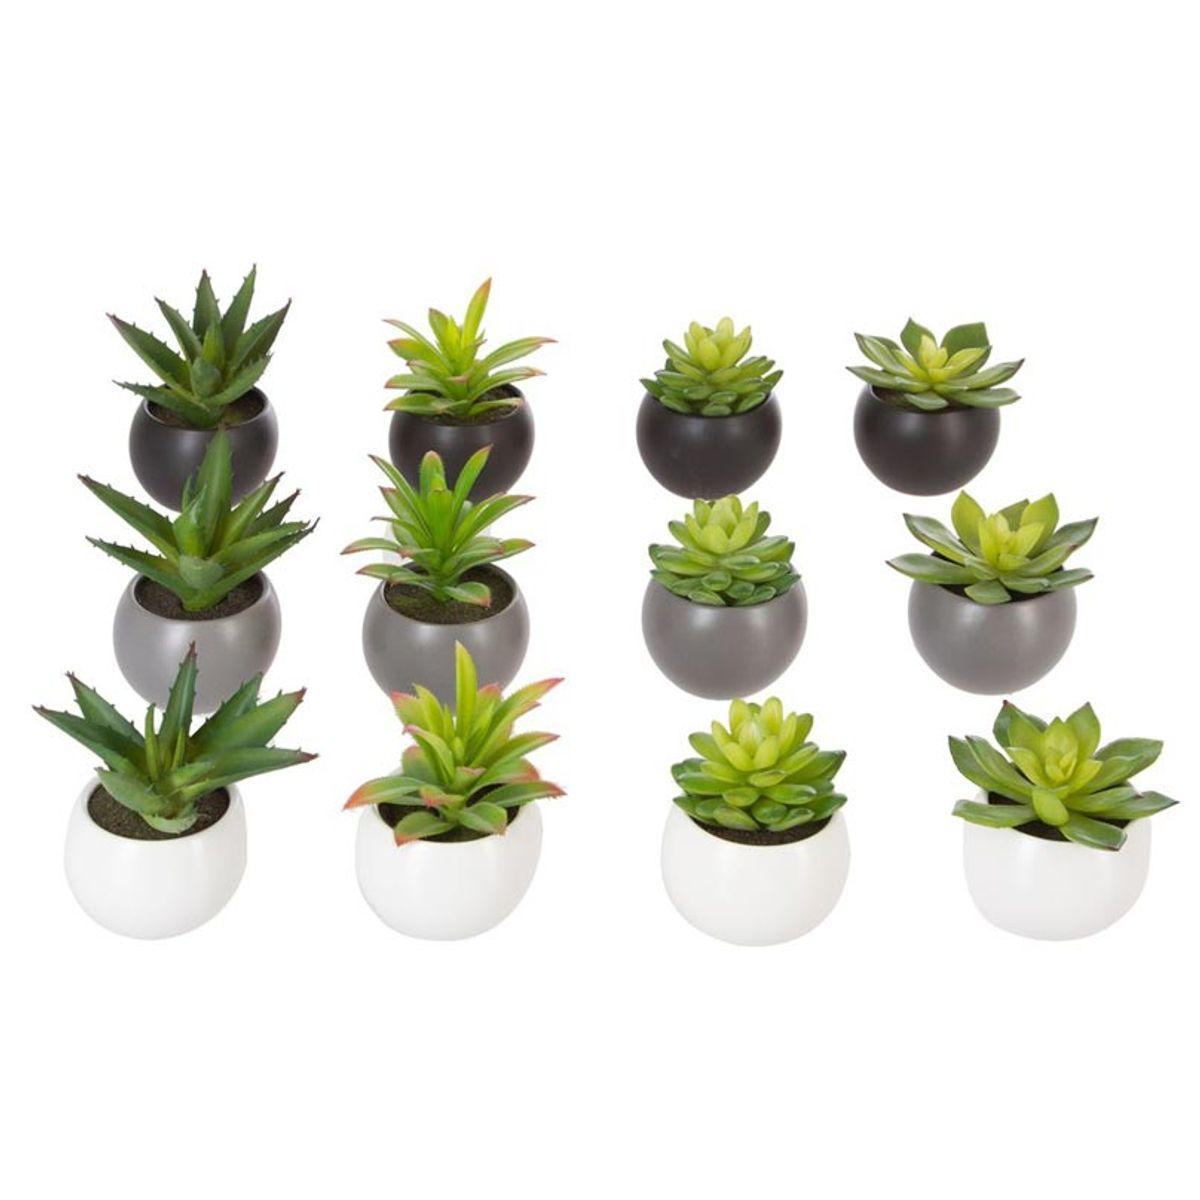 Plante grasse artificielle en pot